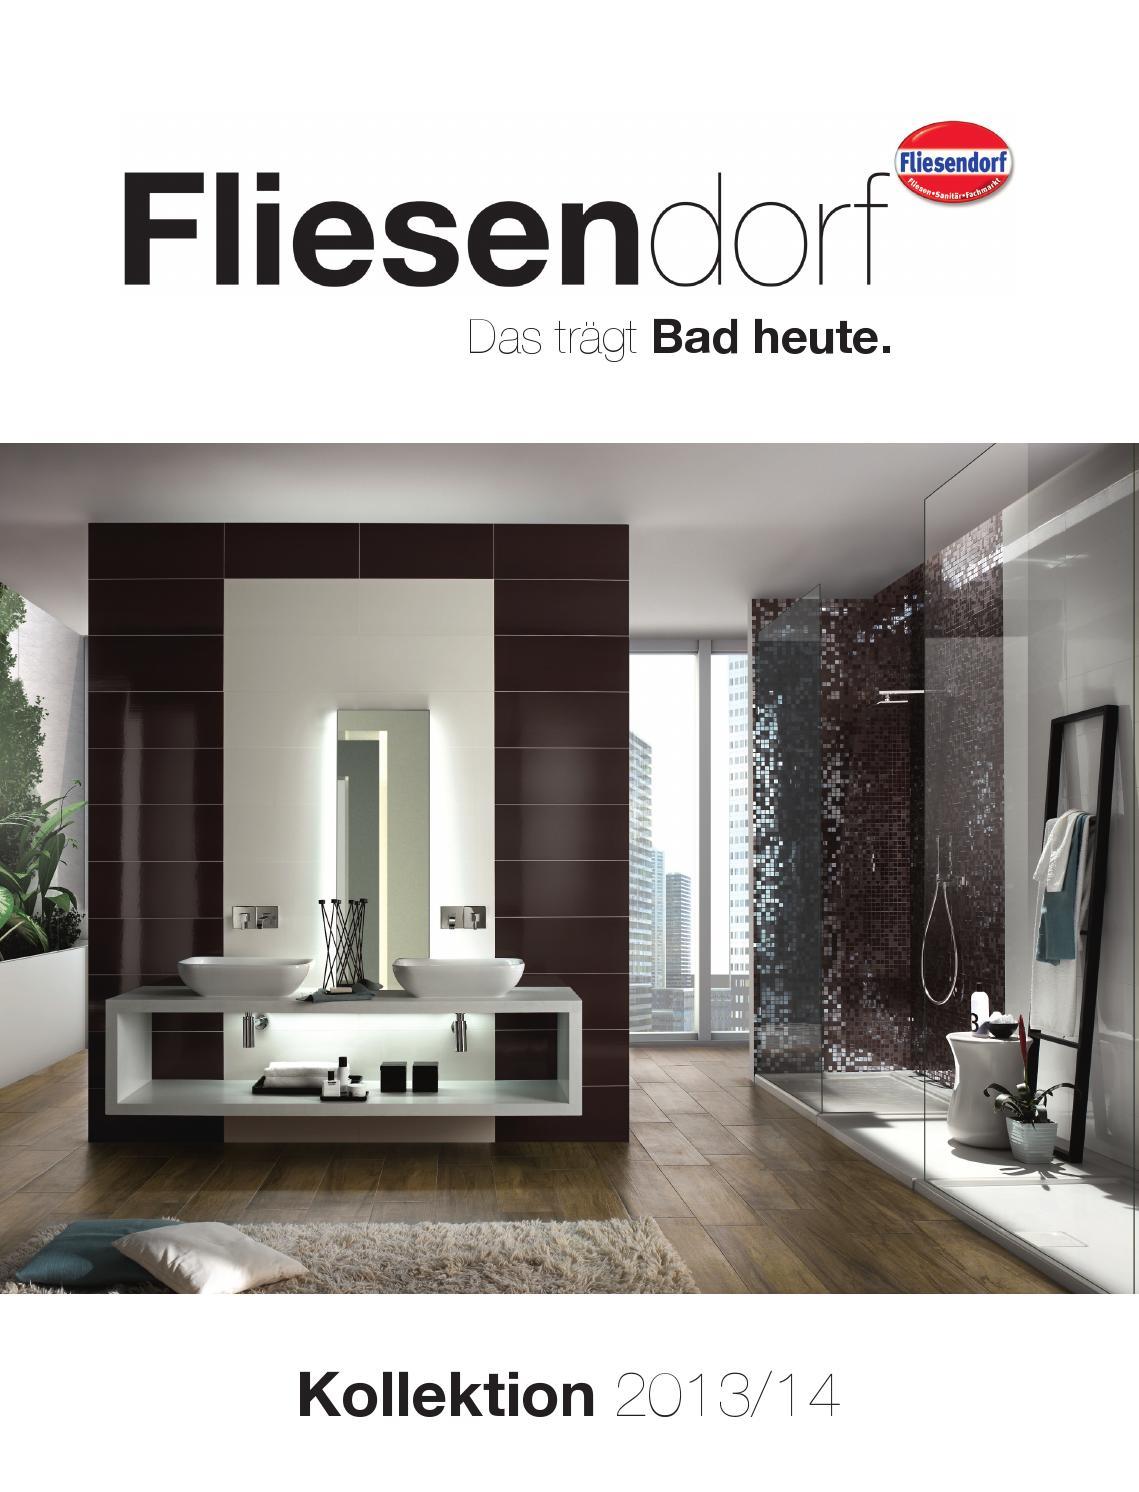 Fliesendorf Katalog 2013 By Fliesendorf At Issuu